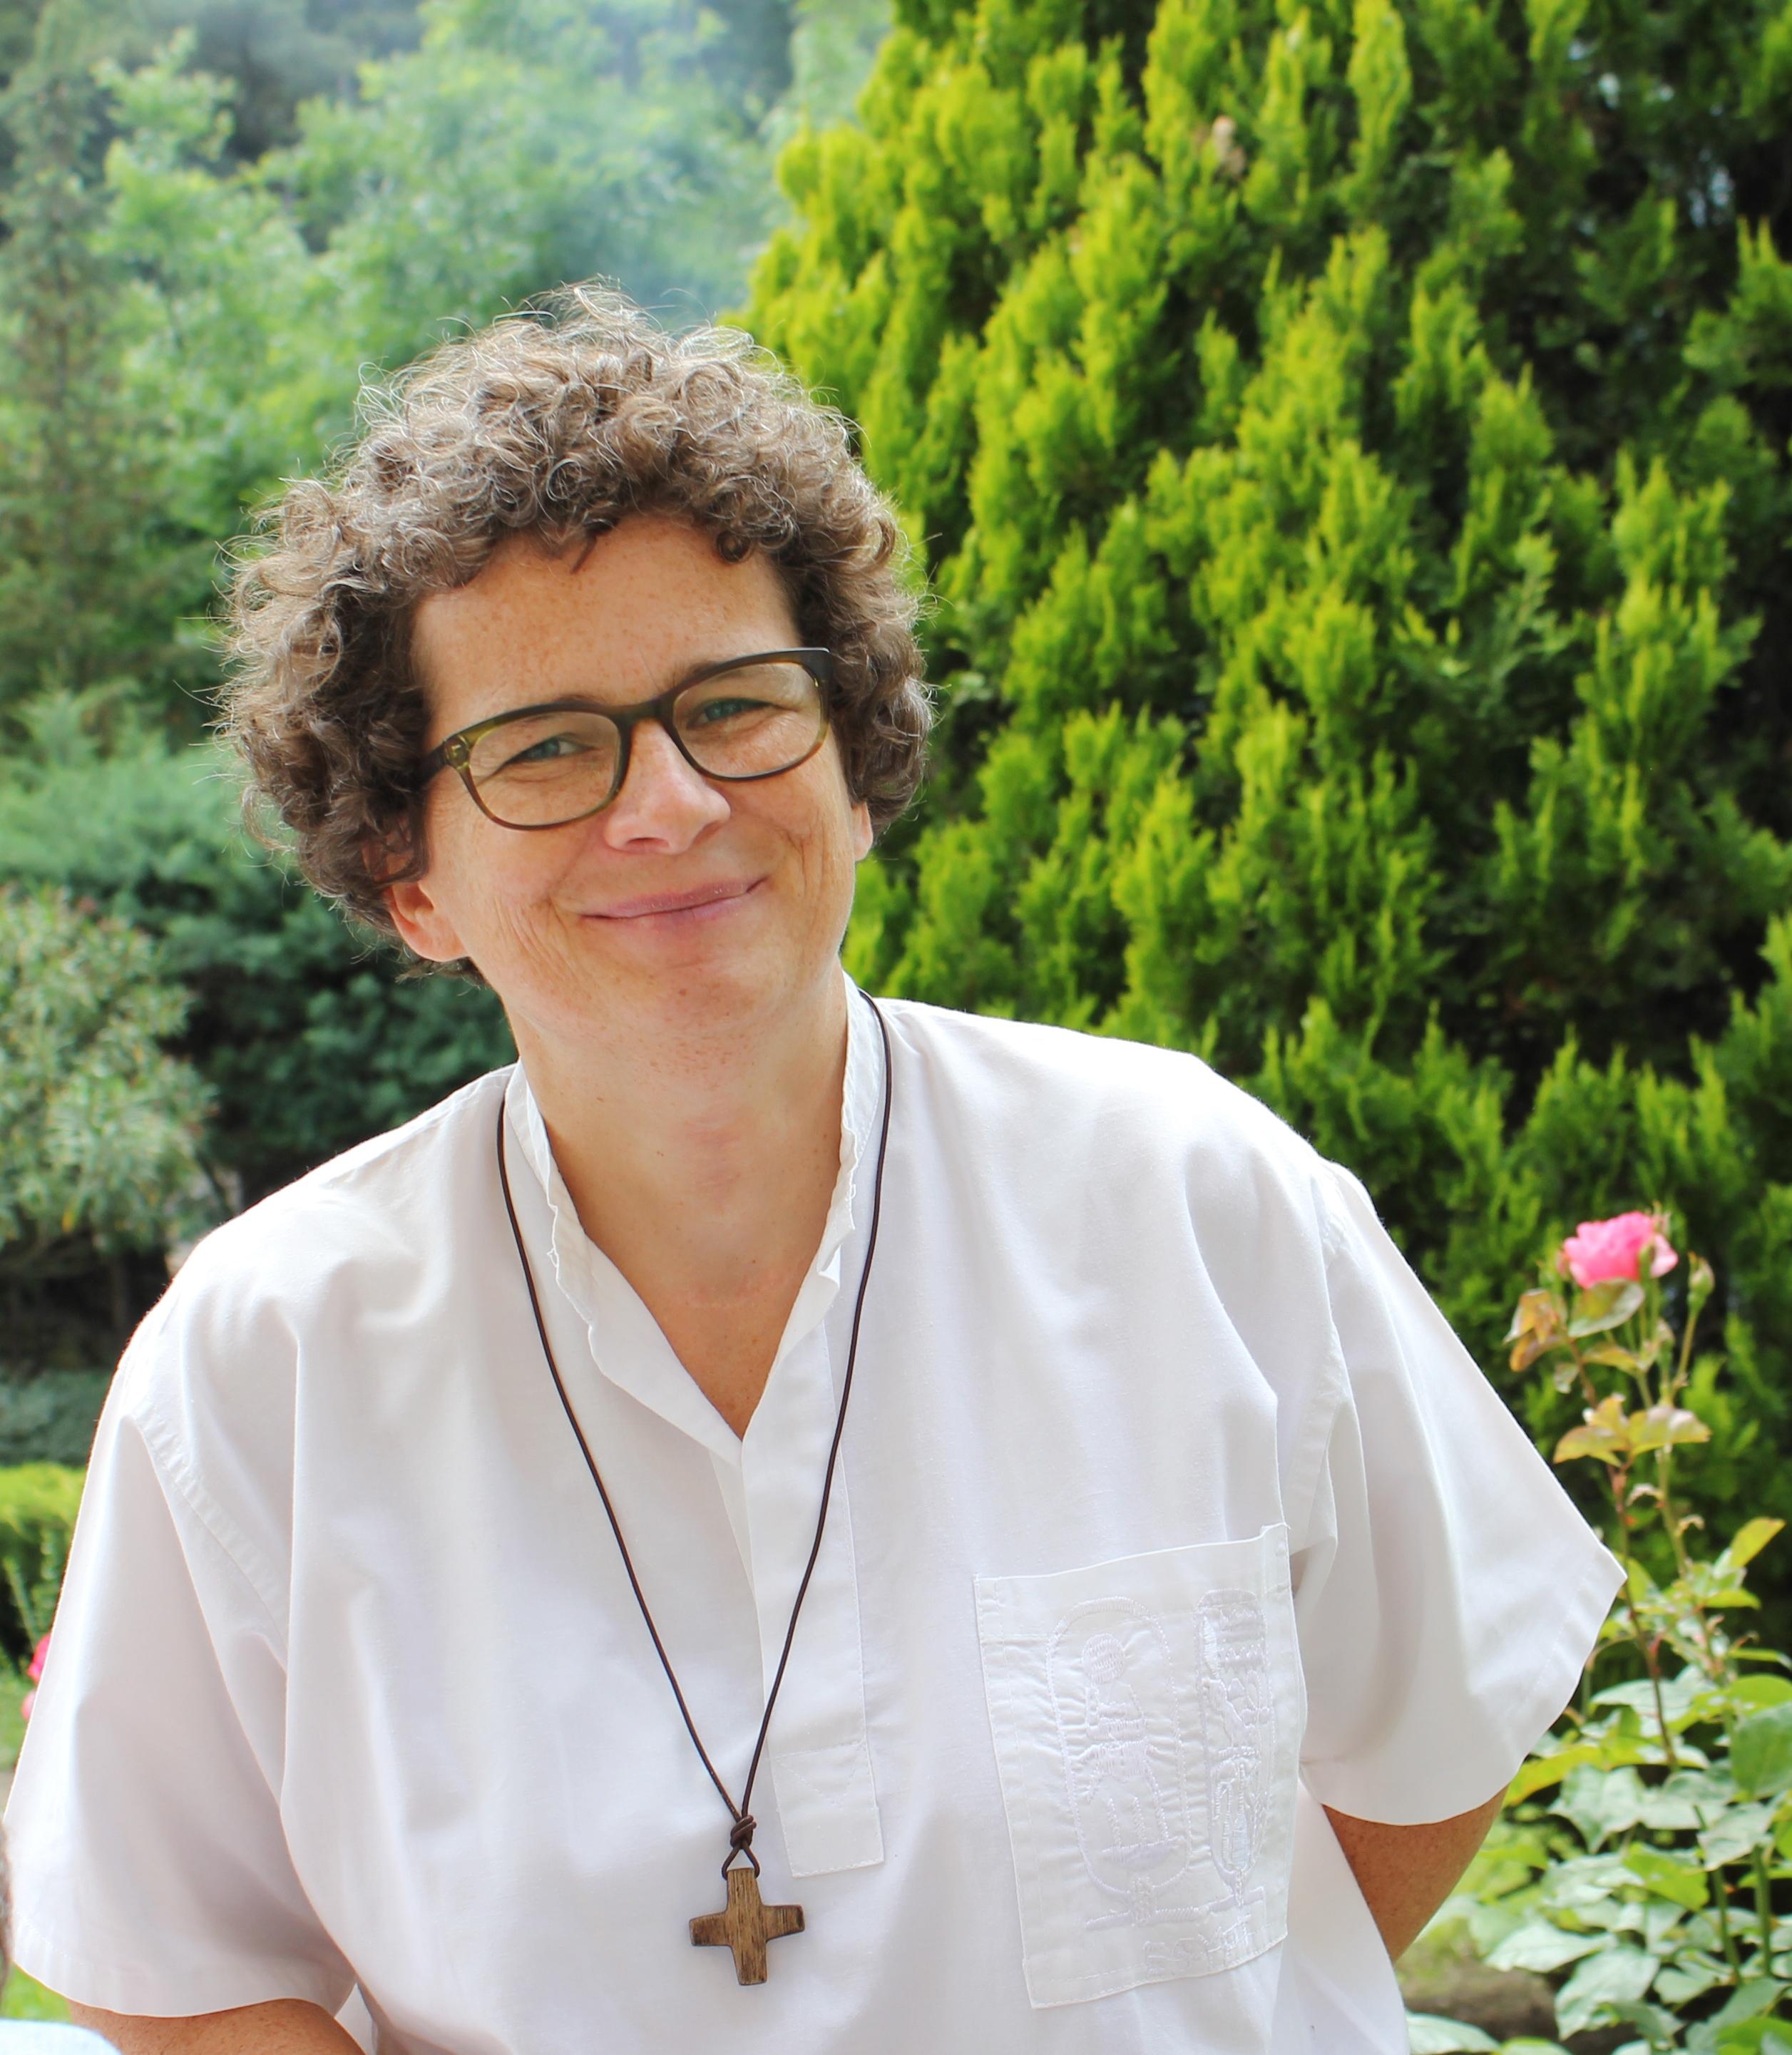 Sr-Marie-Guillaumin-Carmel-St-Joseph-3